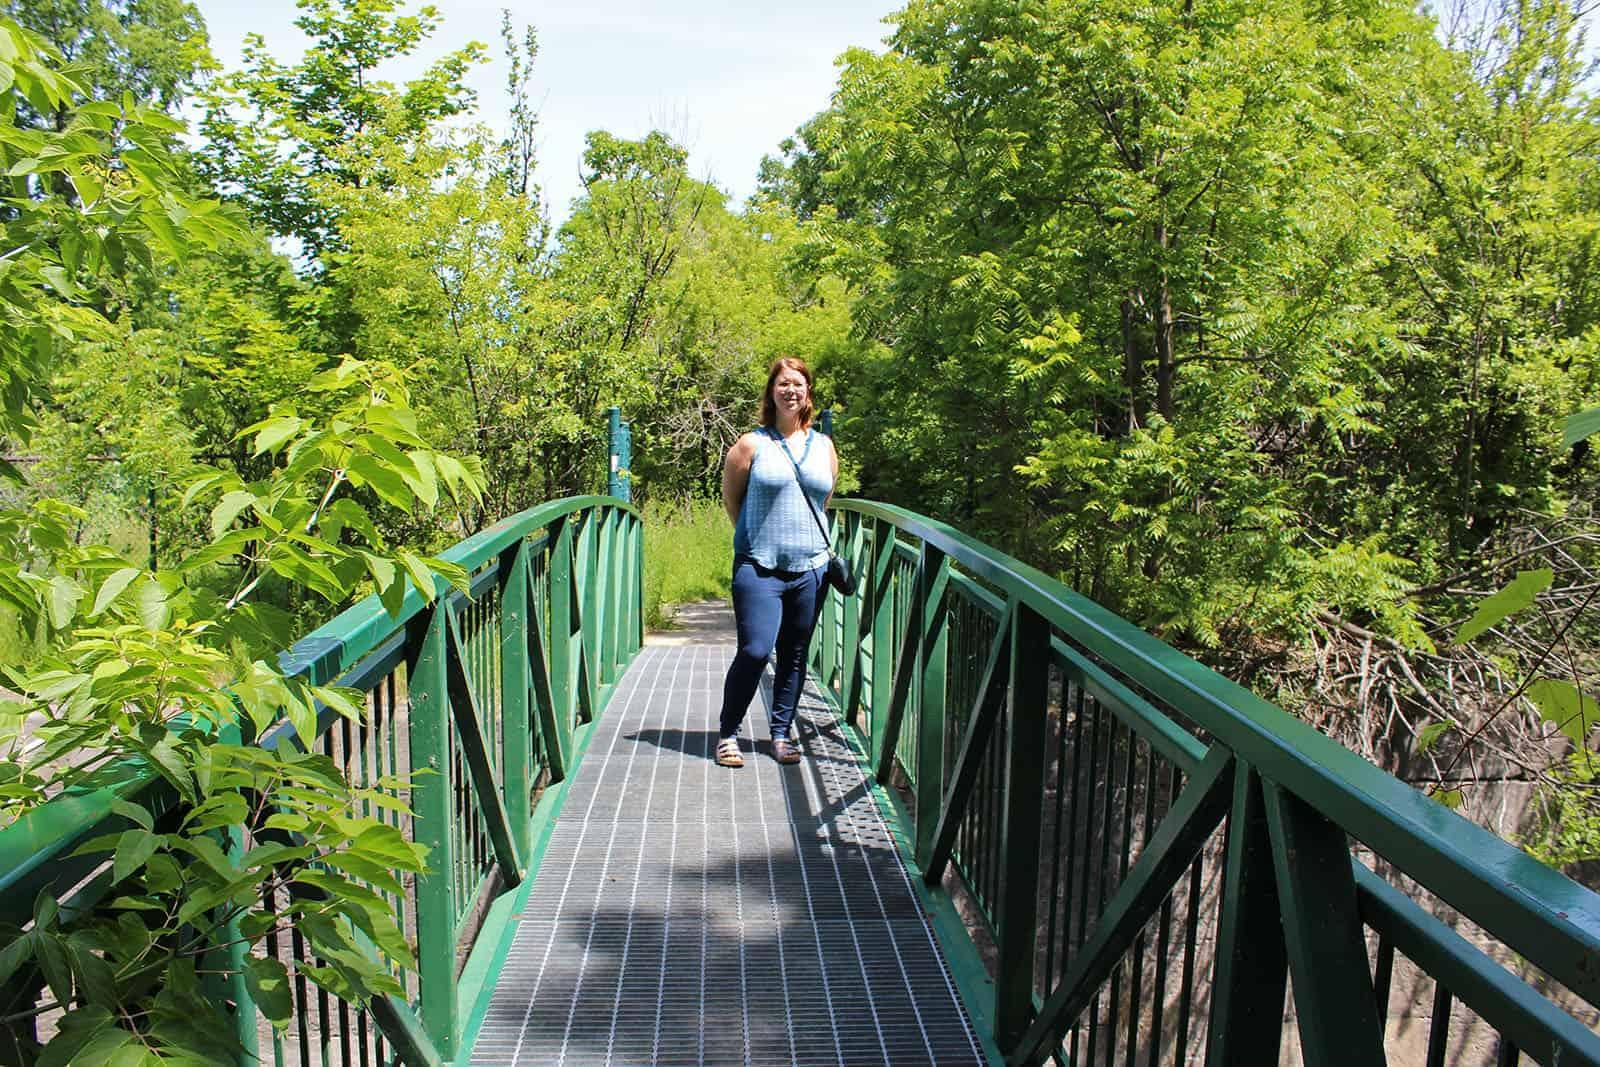 Bruce Trail Hike - St. Catharines